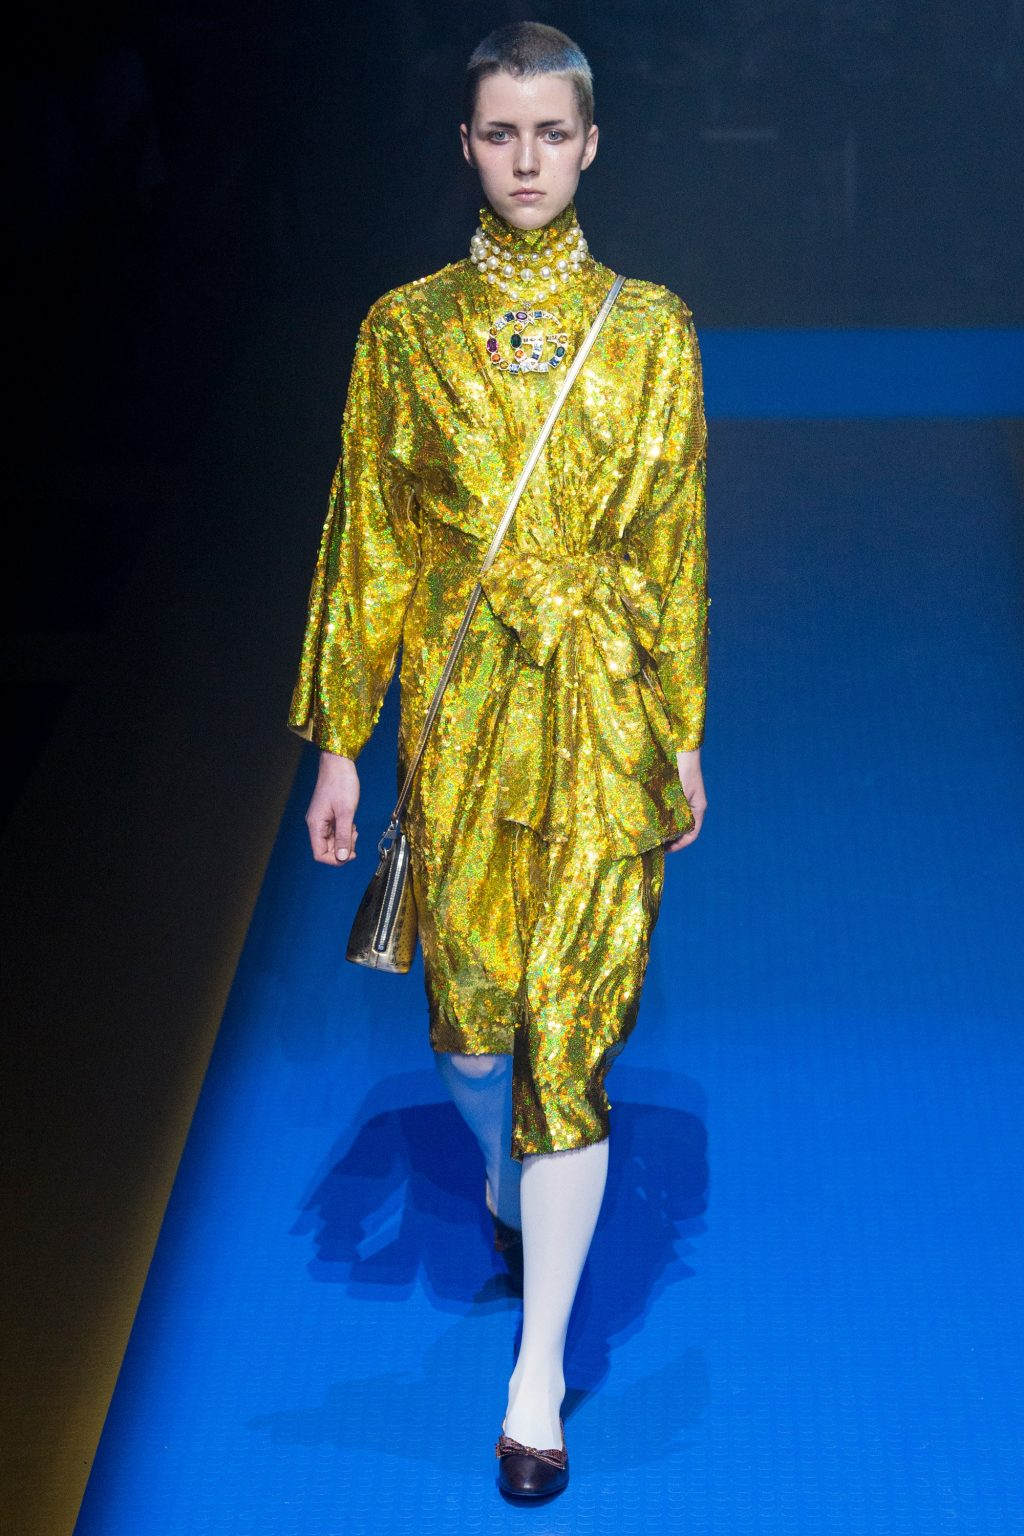 Gucci mùa Xuân 2018: Mùa xuân của Thập niên 80